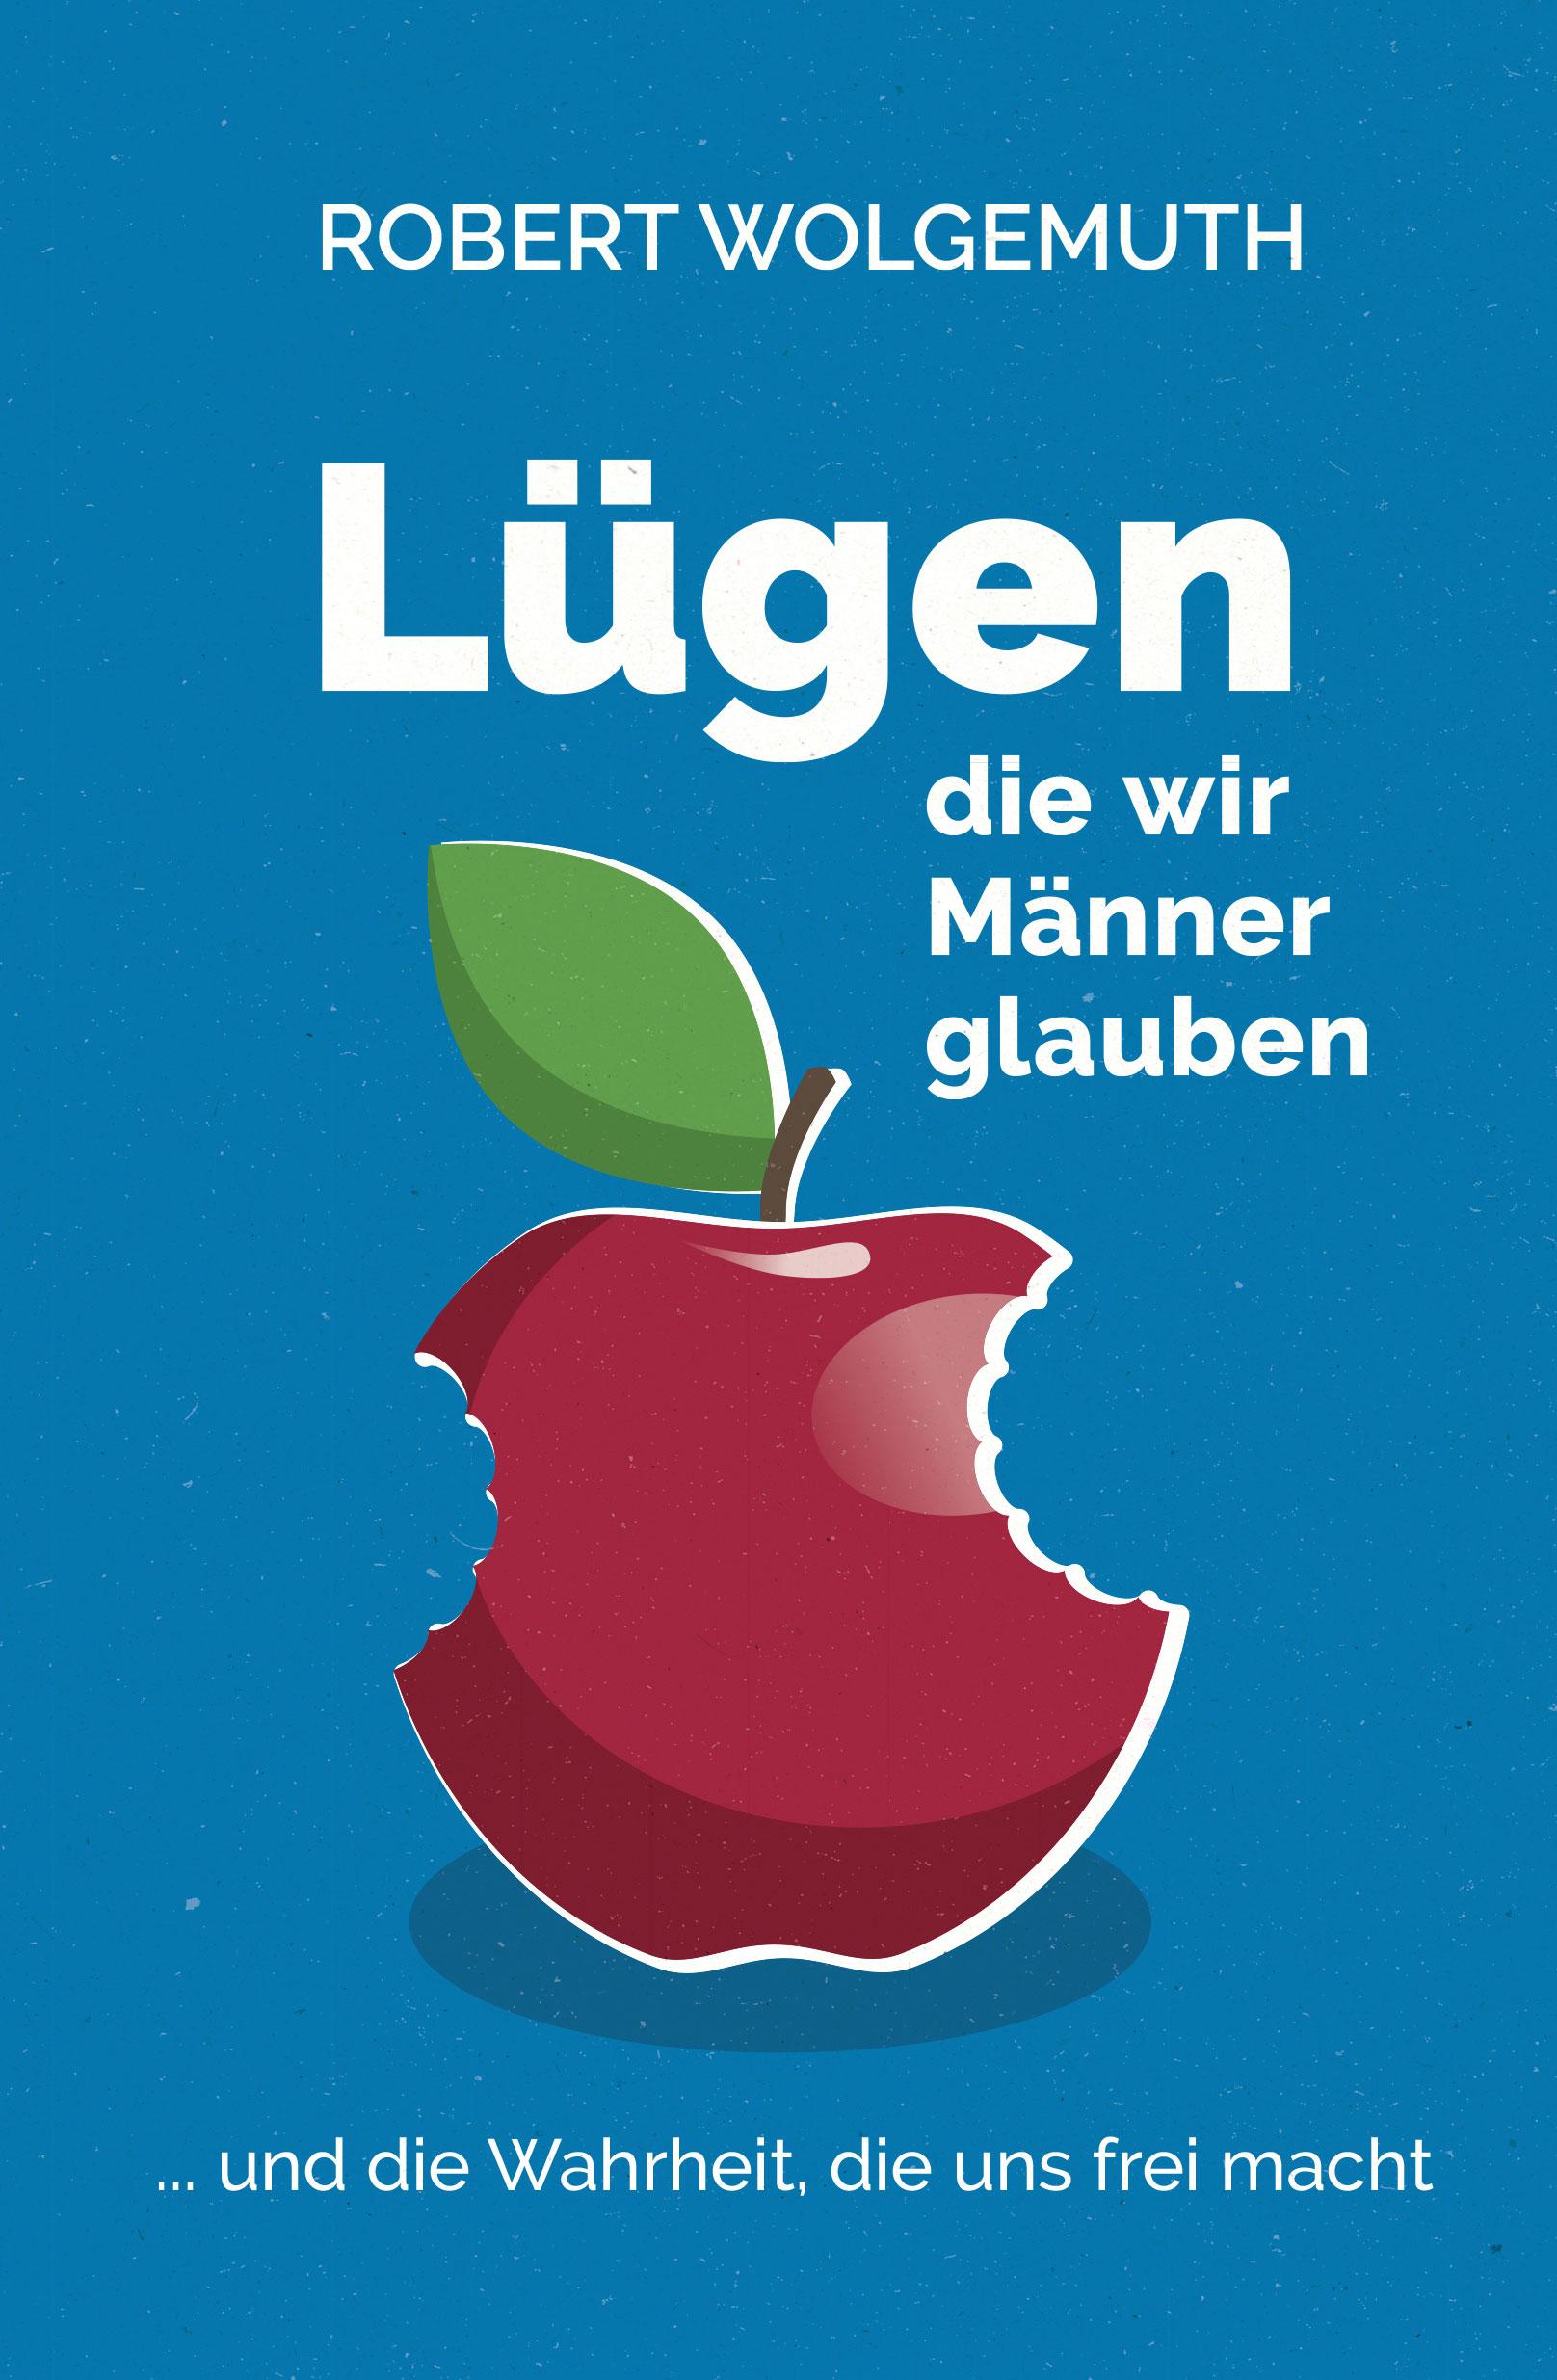 clv_luegen-die-wir-maenner-glauben_robert-wolgemuth_256399_03